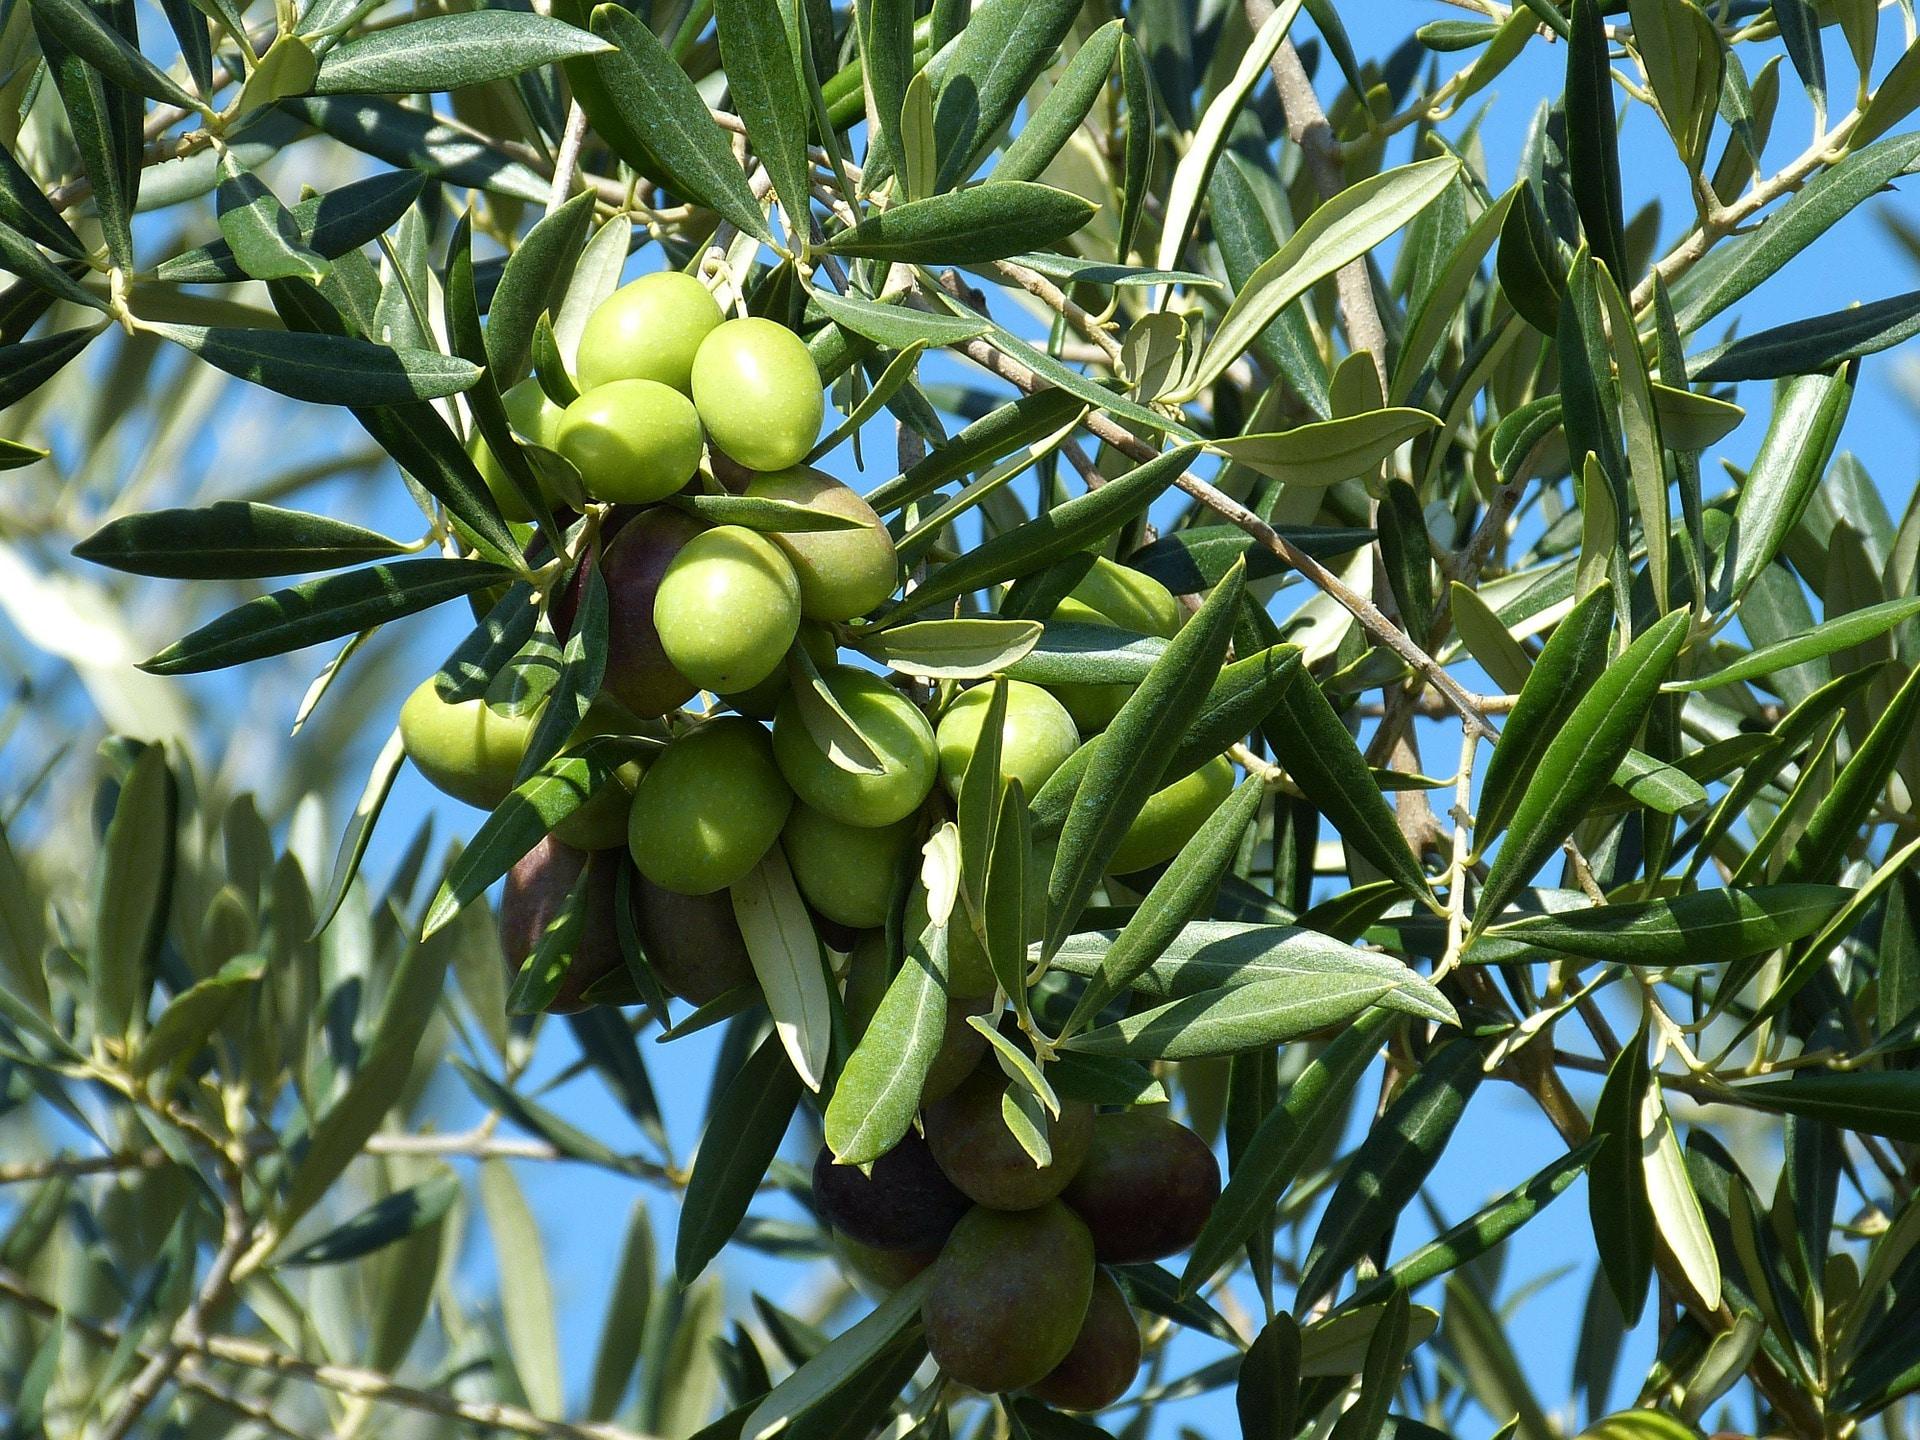 Extra virgin olivový olej se získává z čerstvě natrhaných oliv / foto: pixabay.com